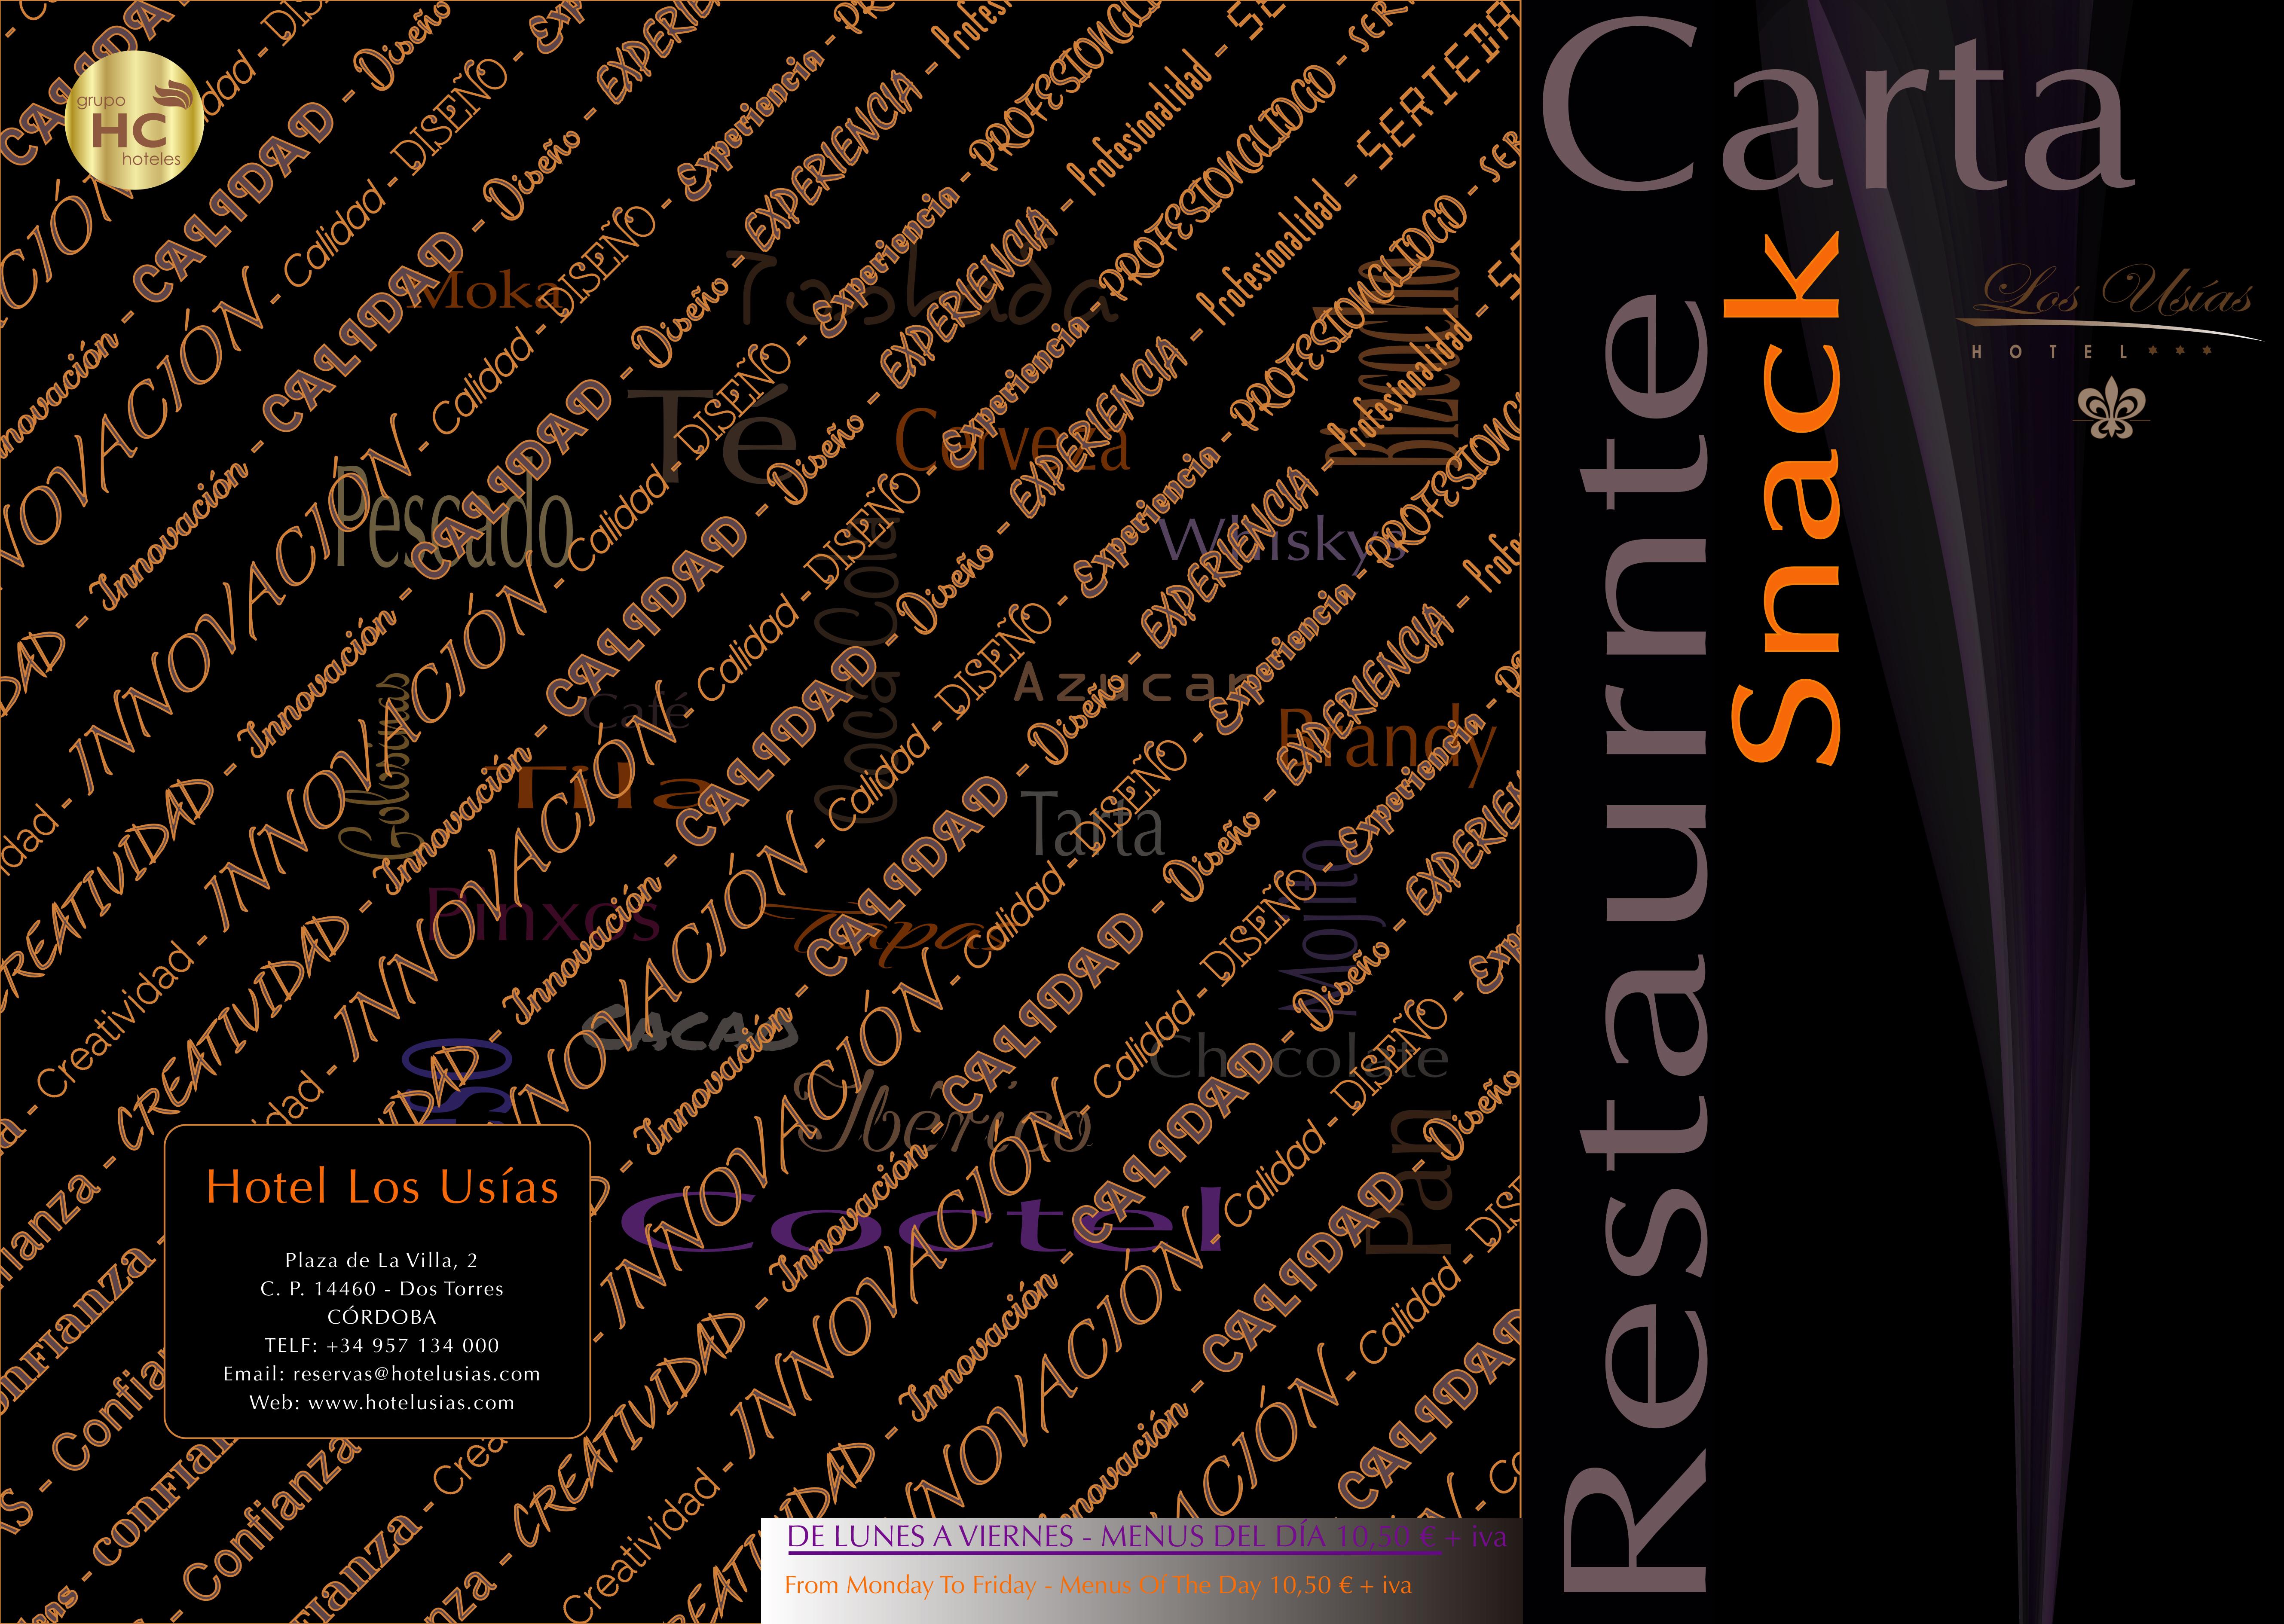 Carta Restaurante La Brassería Hotel Los Usías Dos Torres